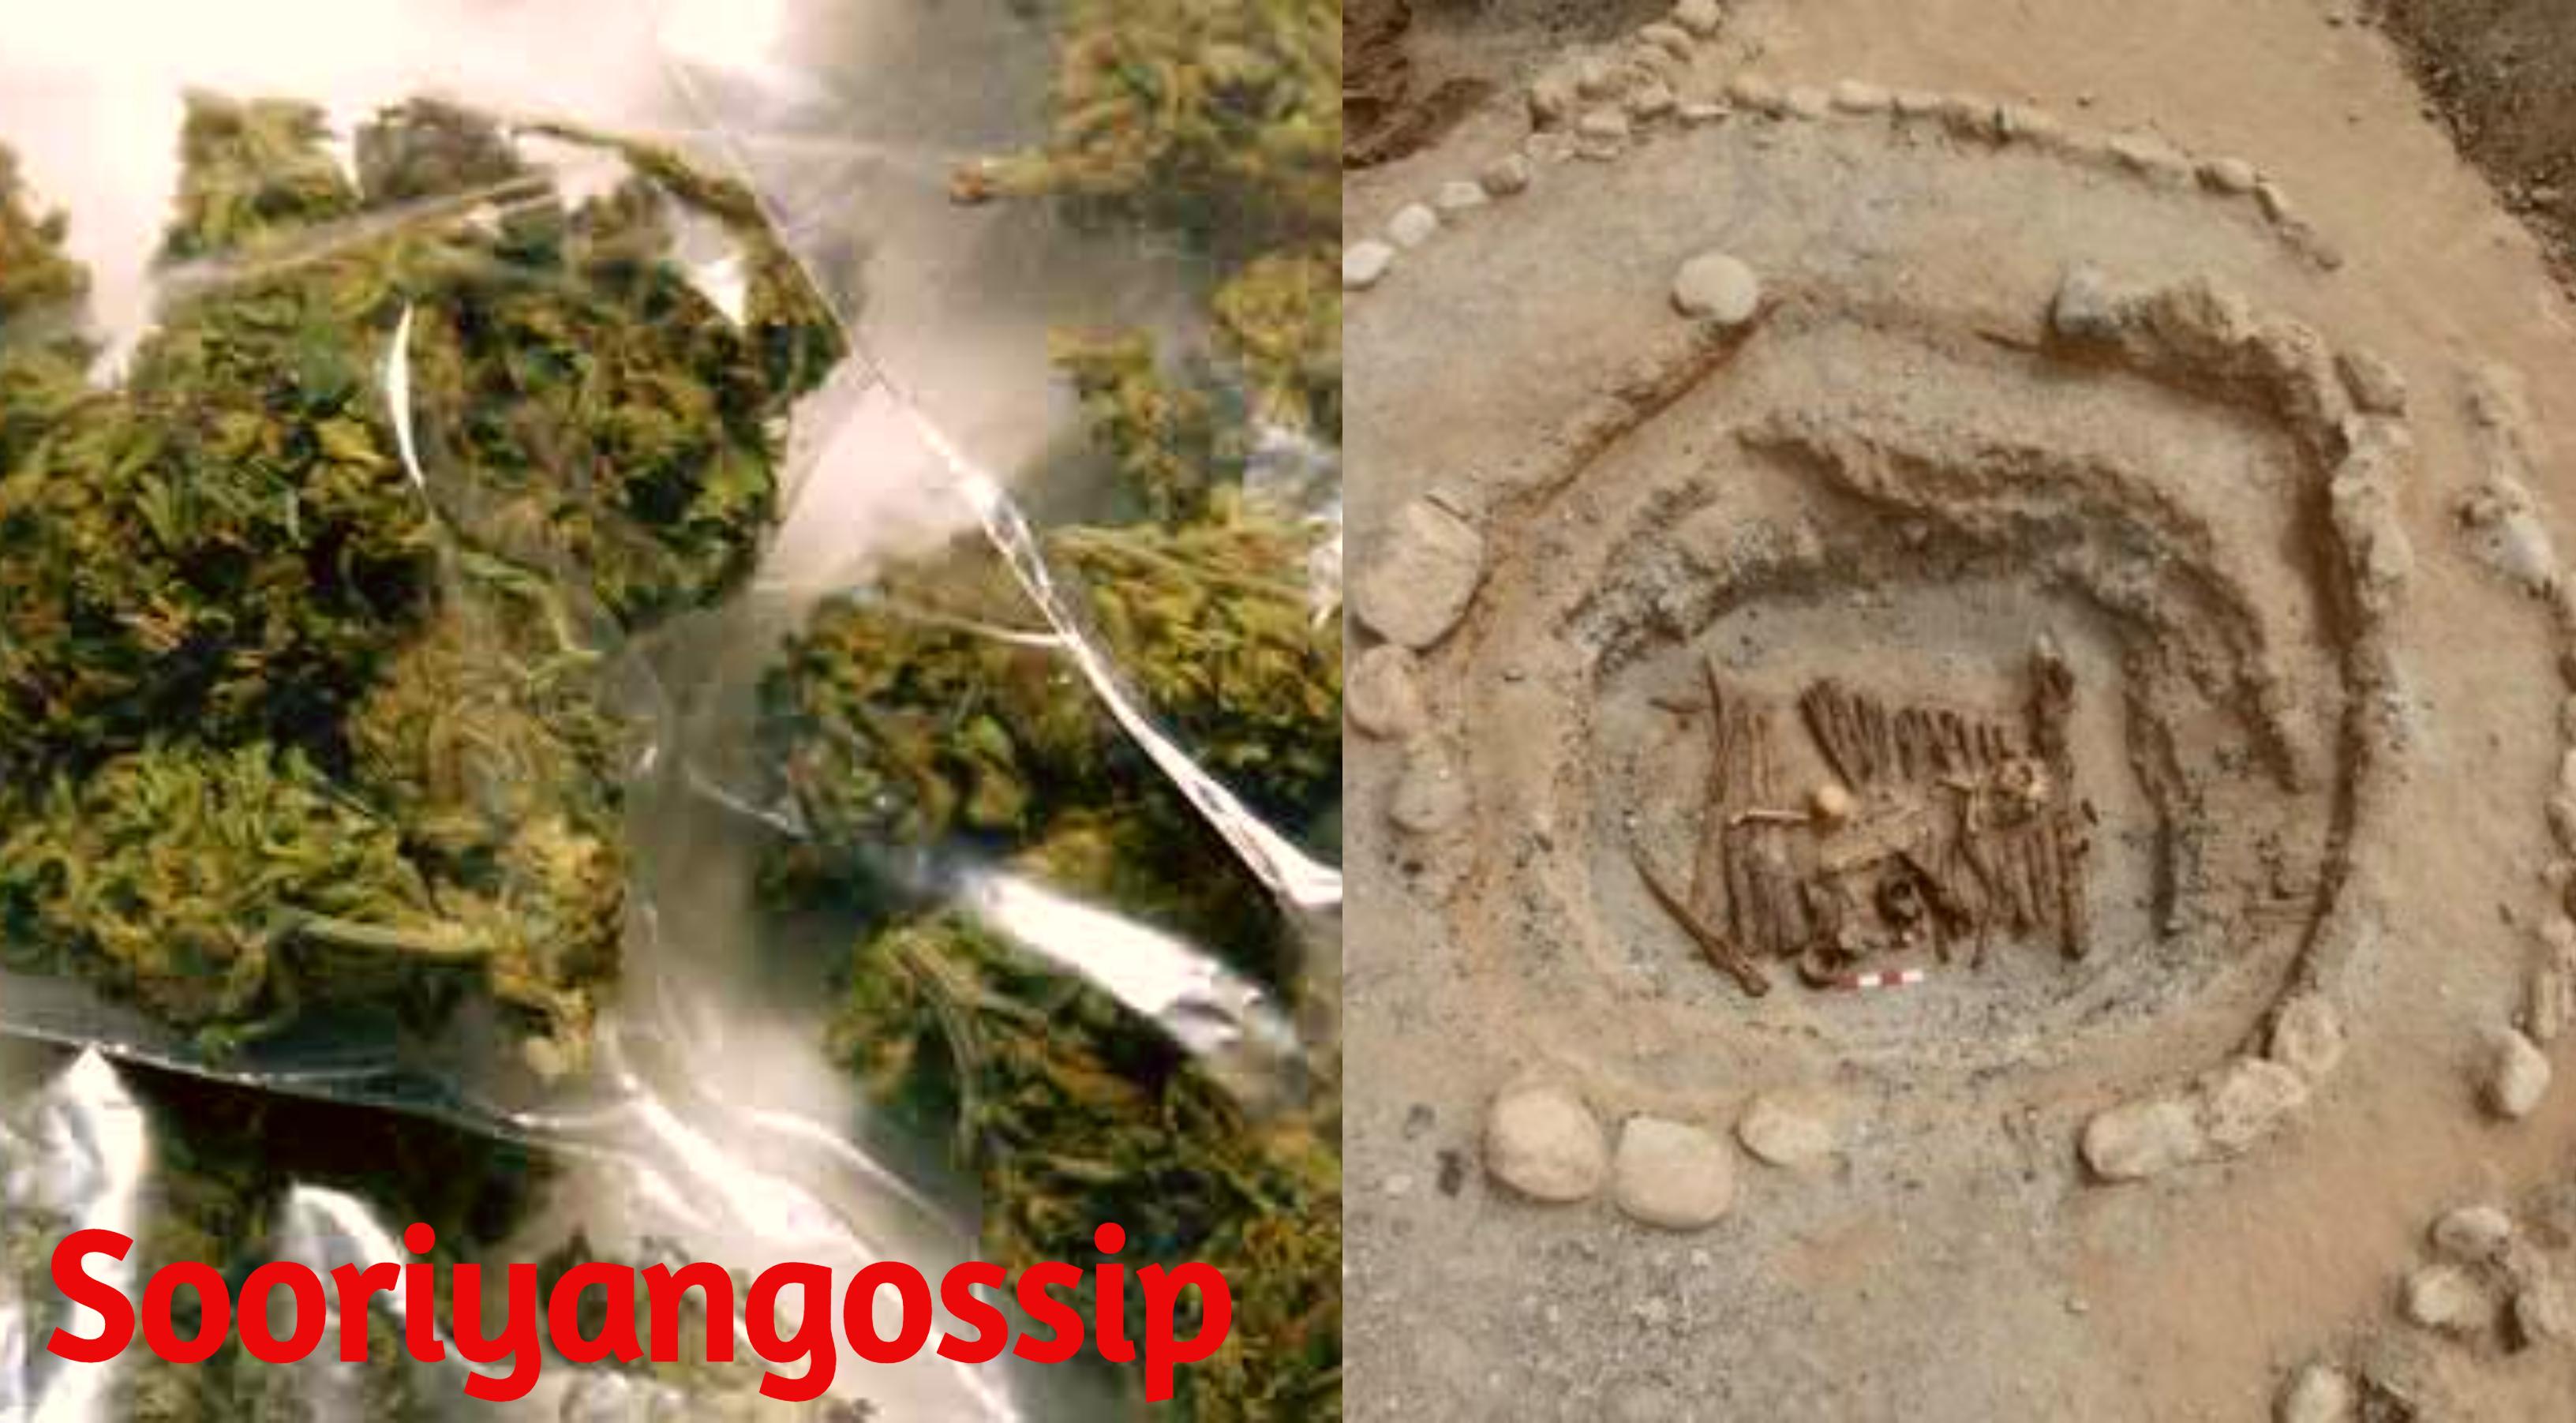 2500 ஆண்டுகளுக்கு முன்னரே, கஞ்சா பயன்படுத்தப்பட்டுள்ளது!!!